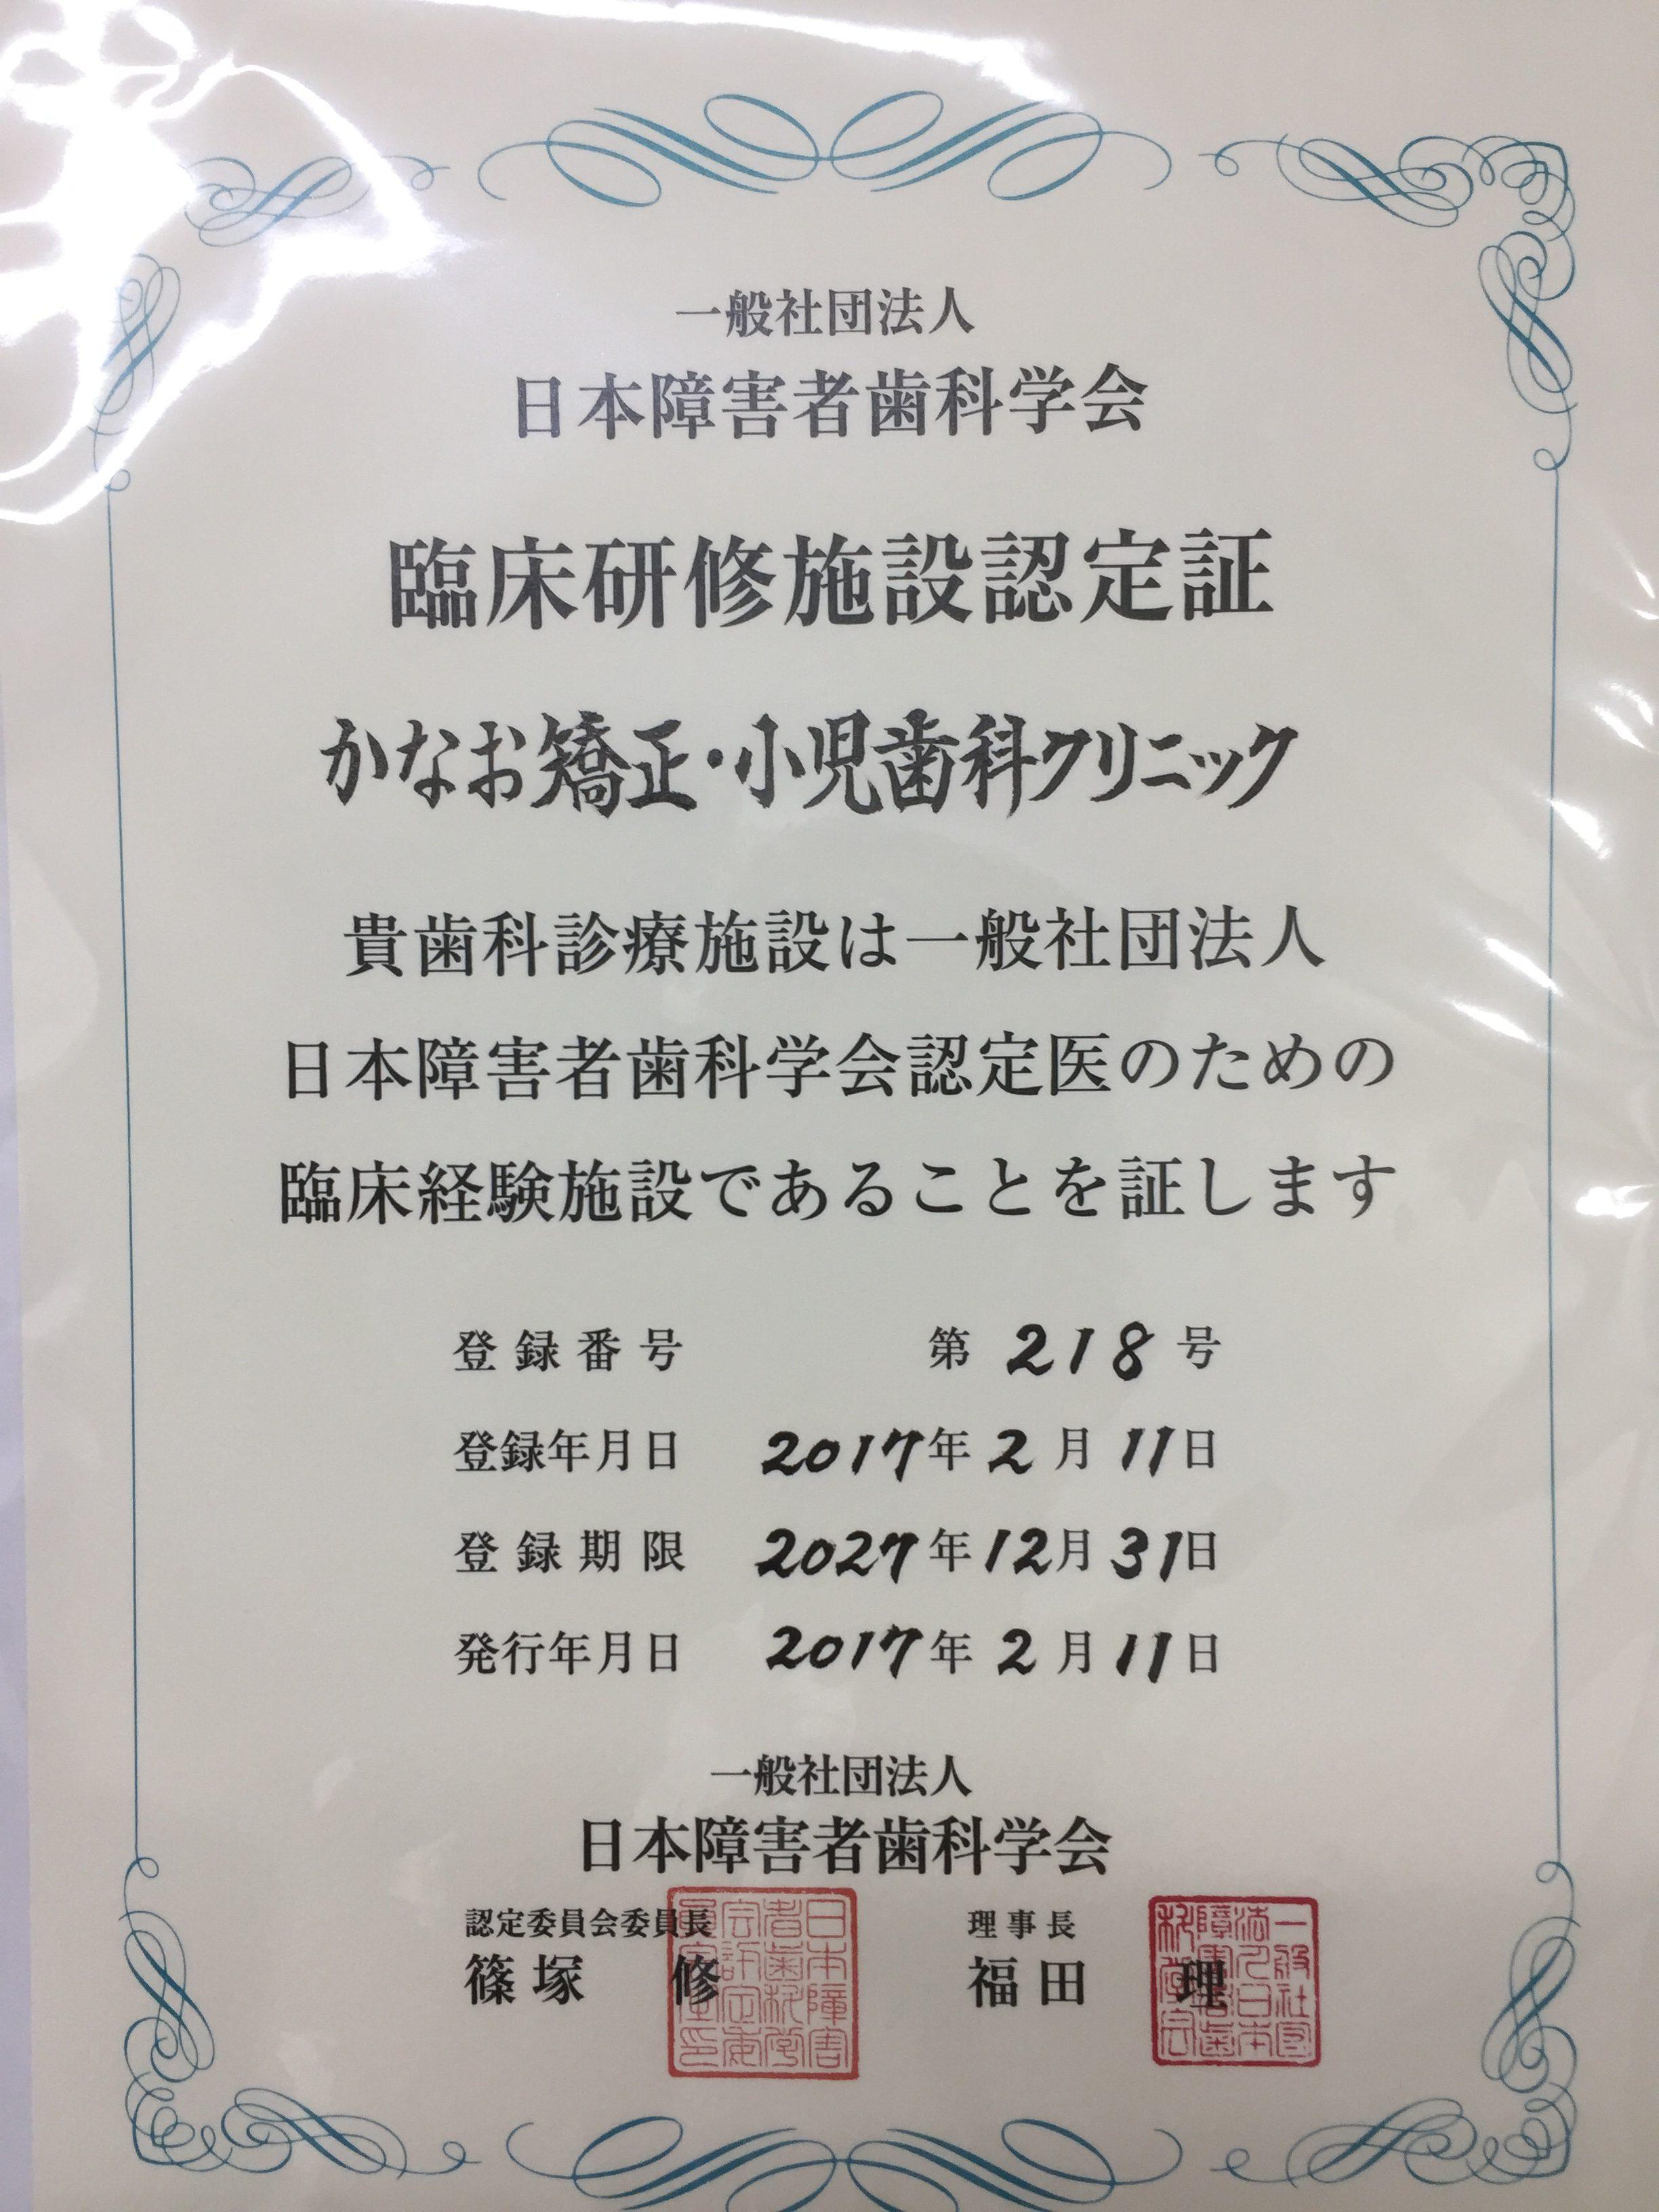 歯科 日本 障害 学会 者